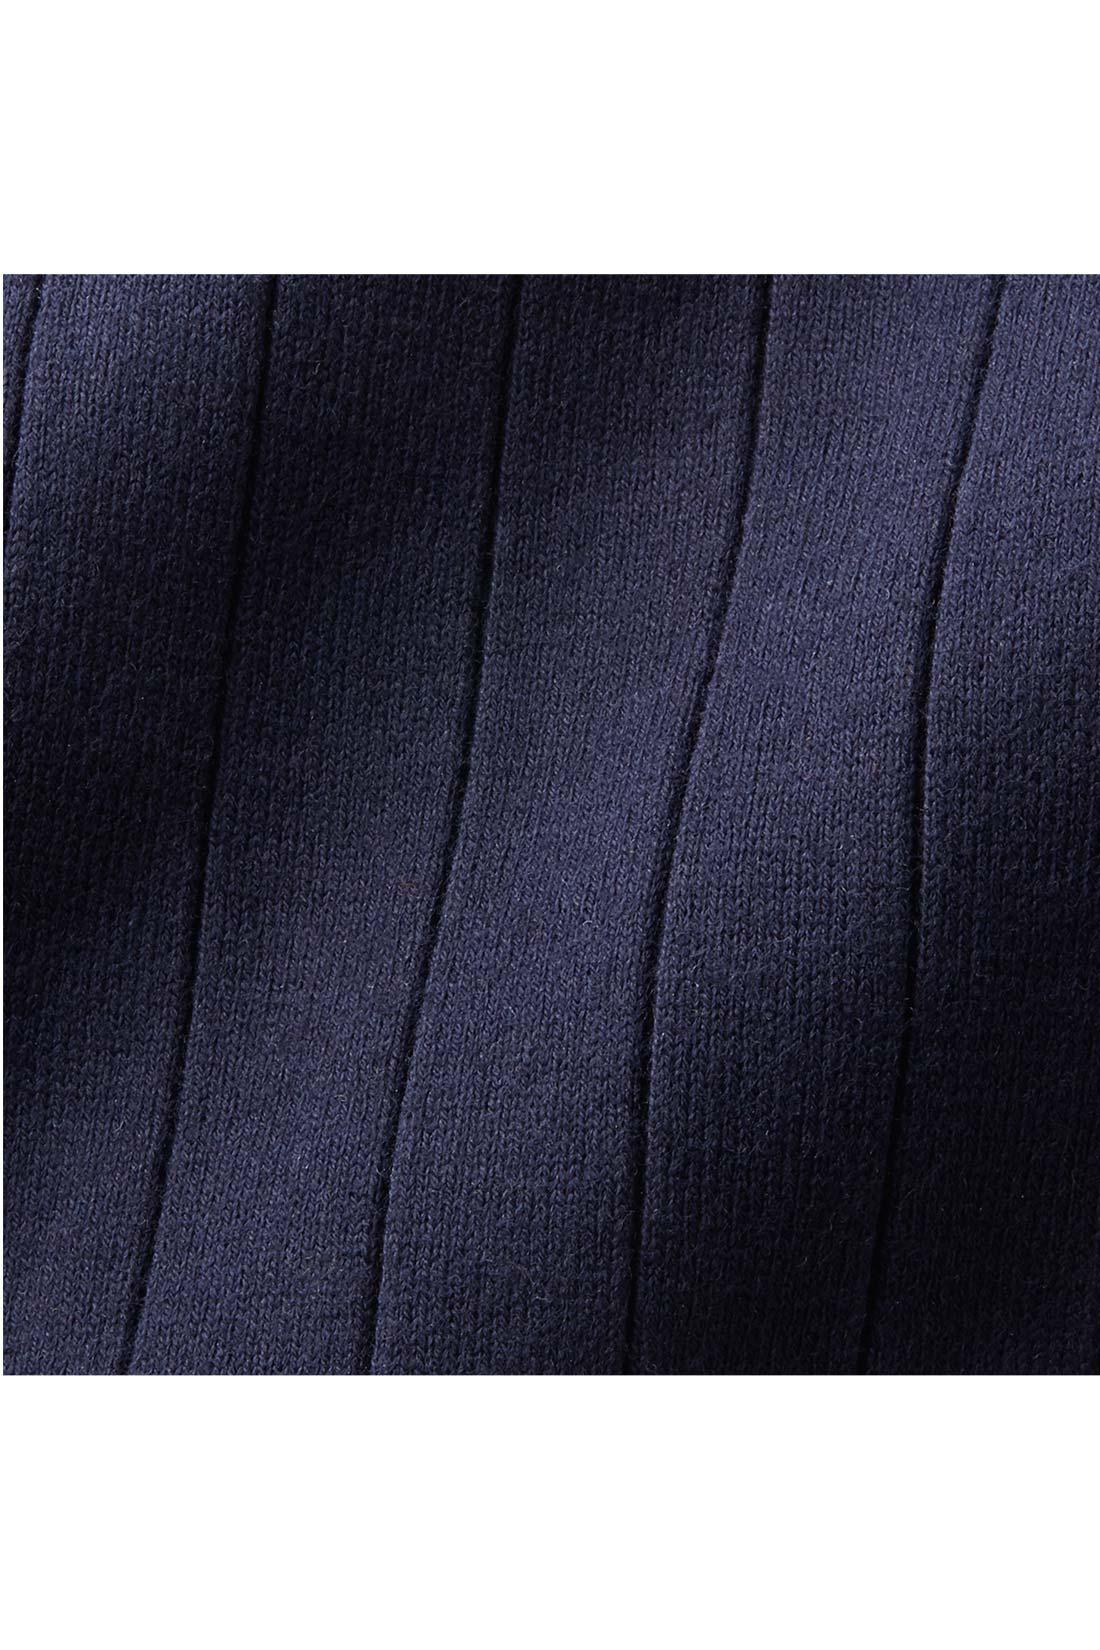 からだのラインを拾いにくいポリエステル混綿素材。 ポリエステルを混紡することで適度な張りを出した素材。からだのラインを拾いにくく透けにくいリブカットソーです。 ※お届けするカラーとは異なります。